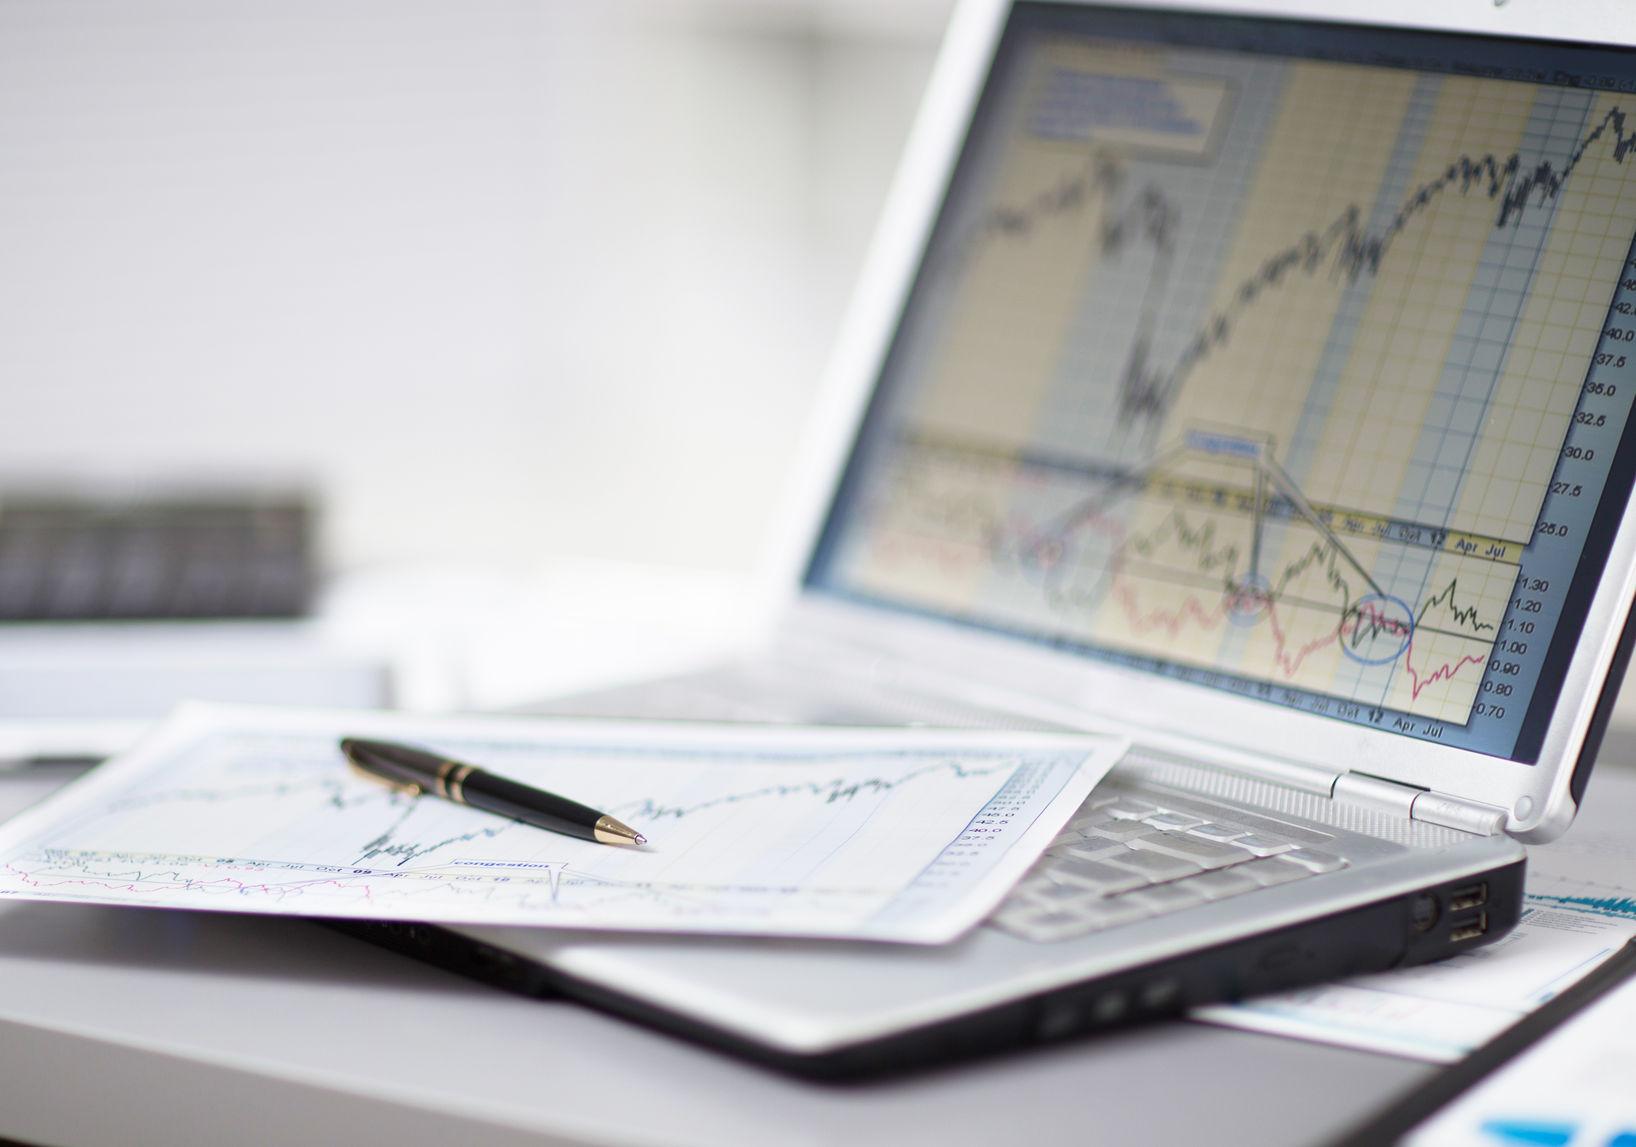 資金市場年末效應顯現 投資高收益產品得趁早